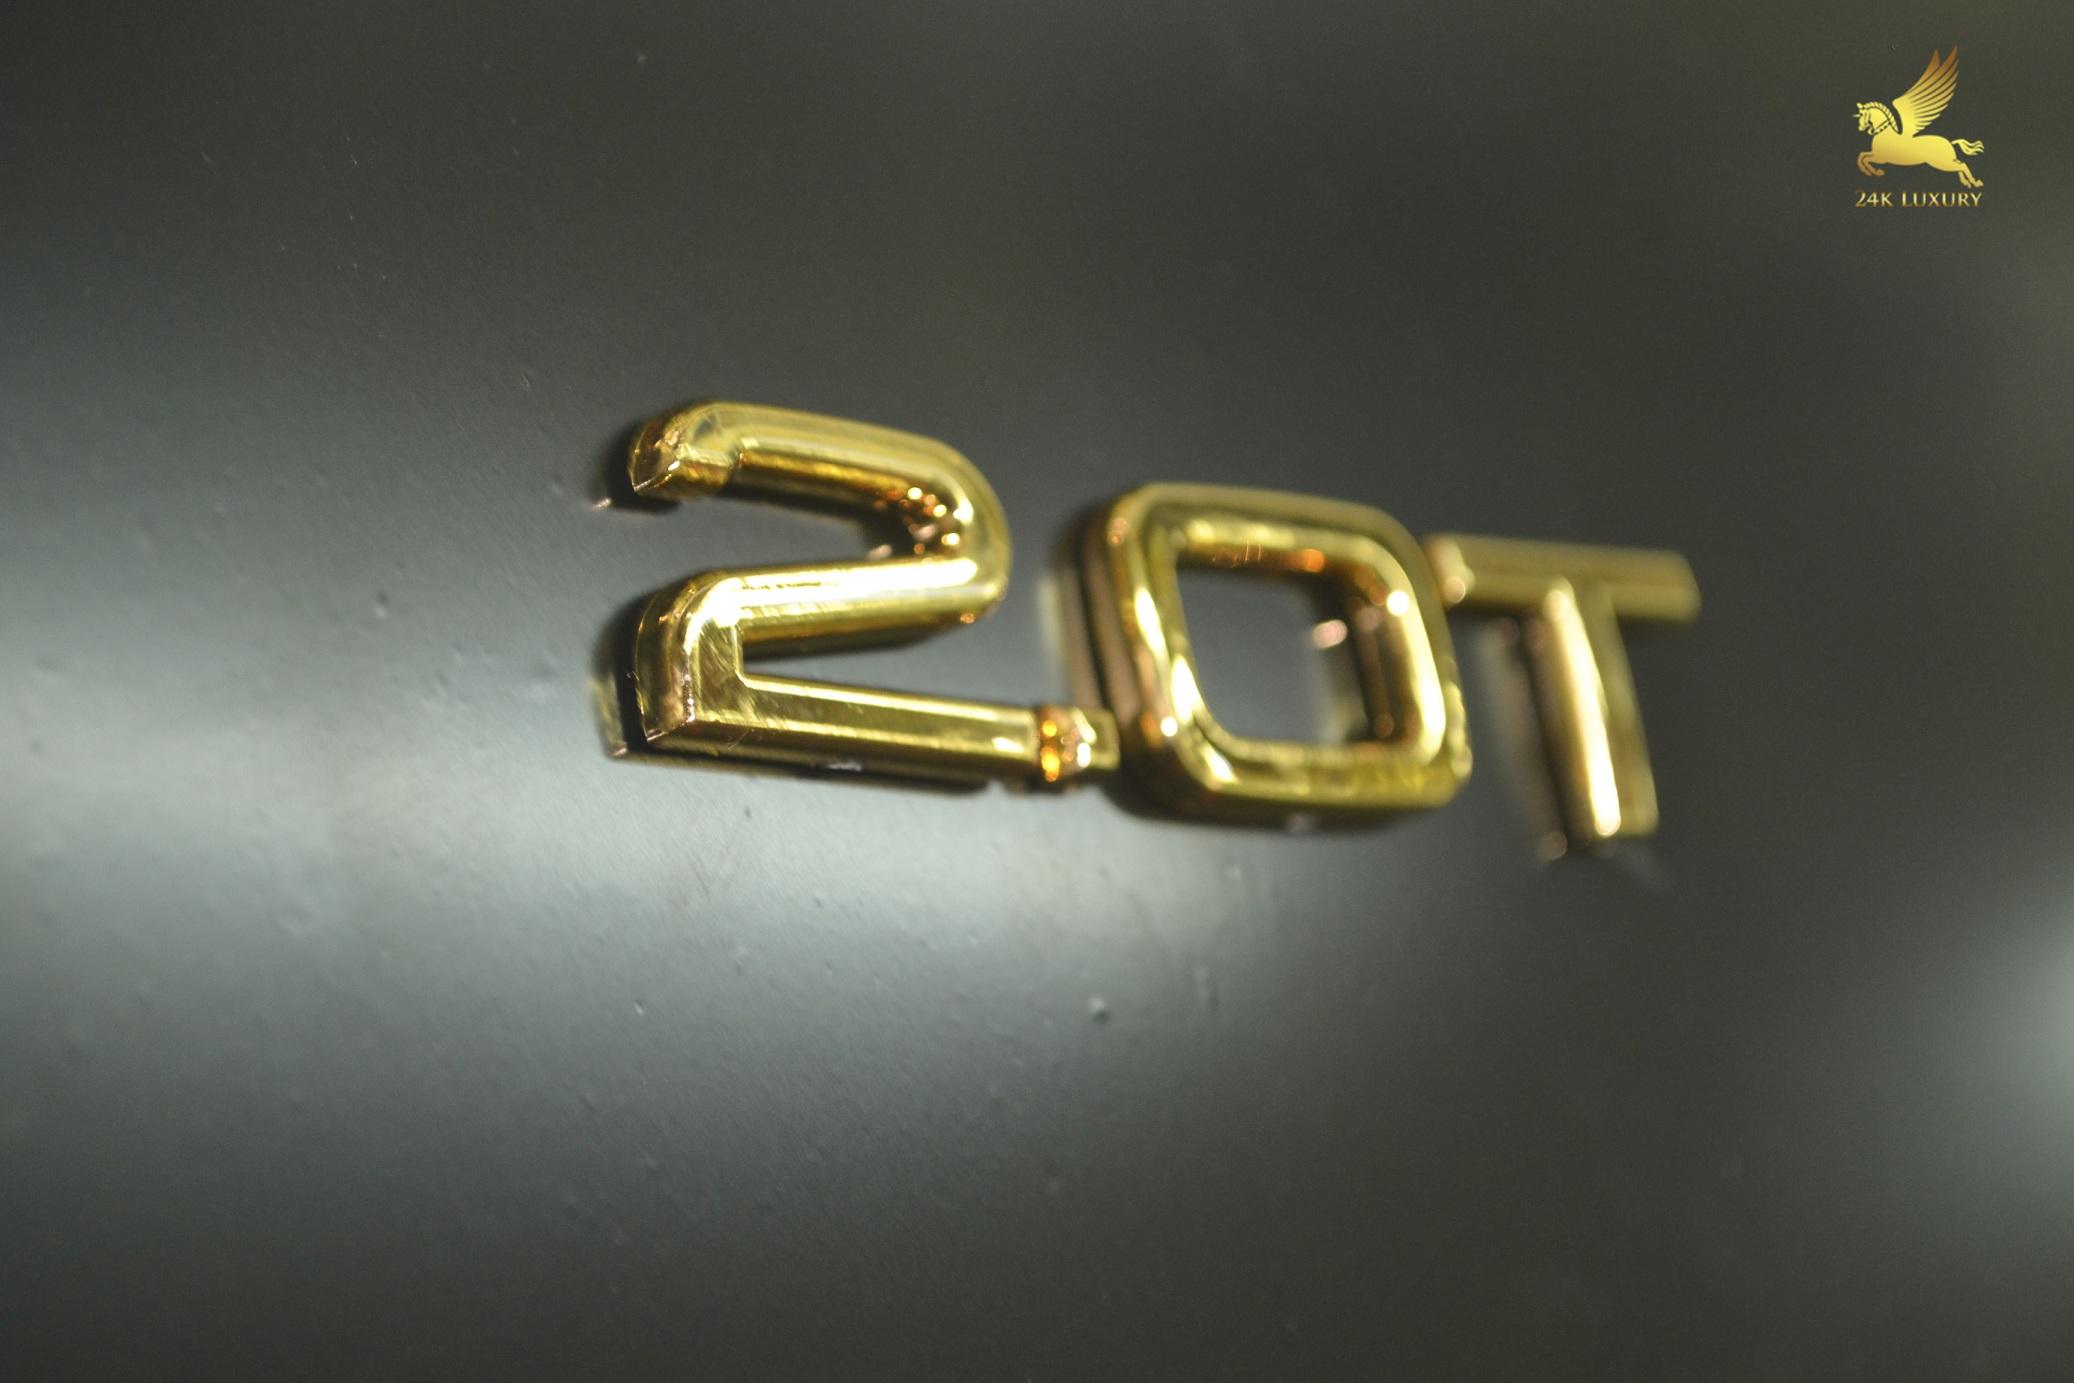 Bộ chữ quattro mạ vàng giá: 1.600.000đ